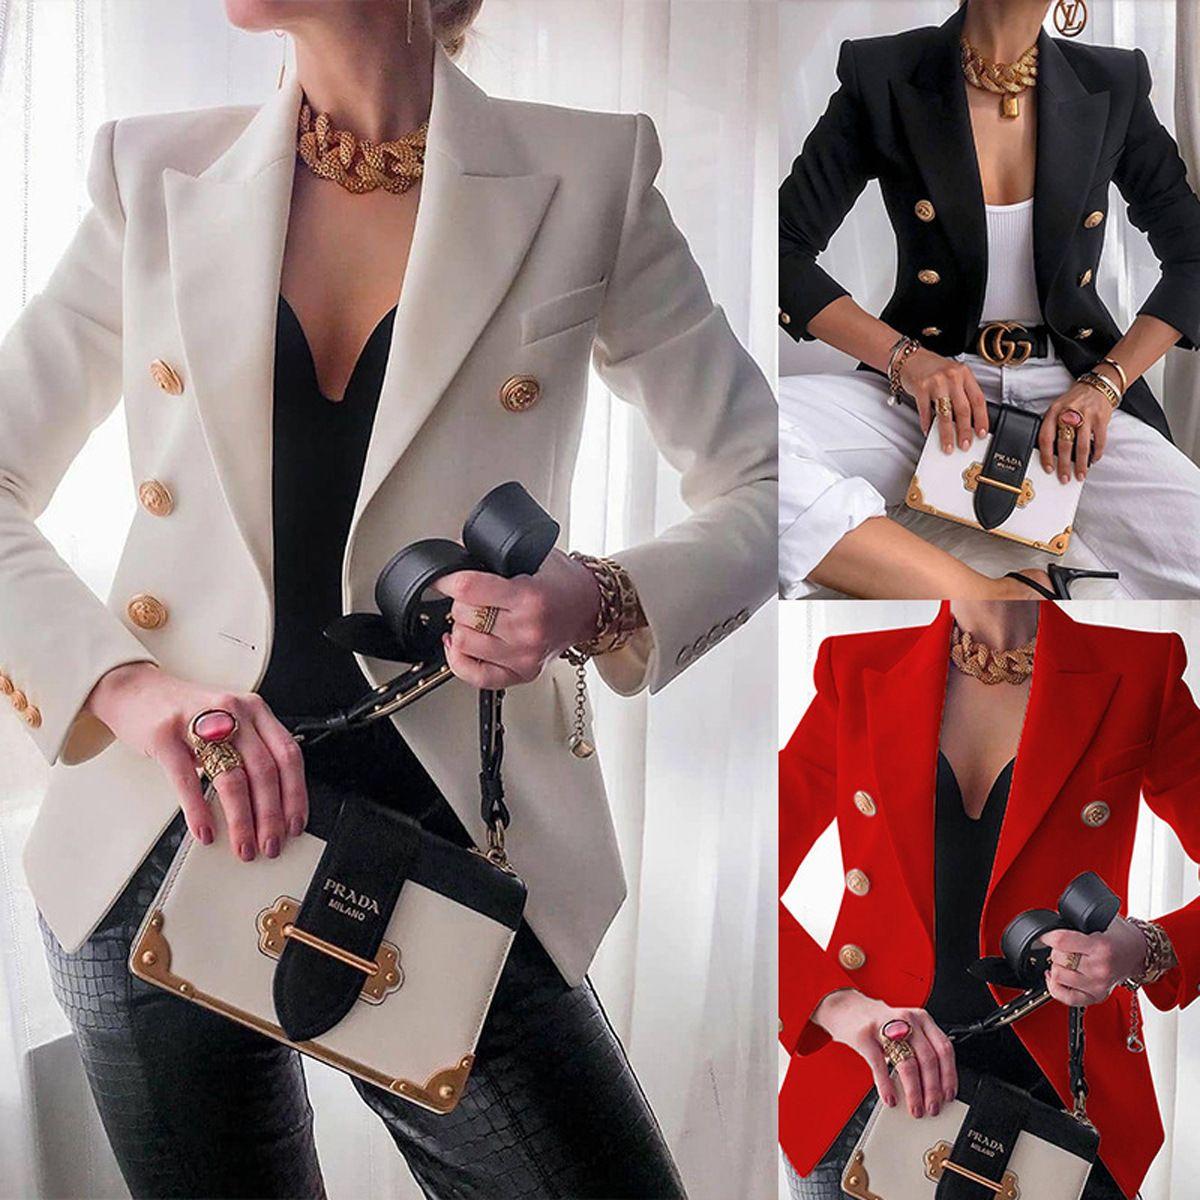 NIBESSER مكتب المرأة السترة سترة مزدوجة الصدر المتناثرة السترة سليم تركيب أنثى معطف 2020 مكتب السيدات الزي